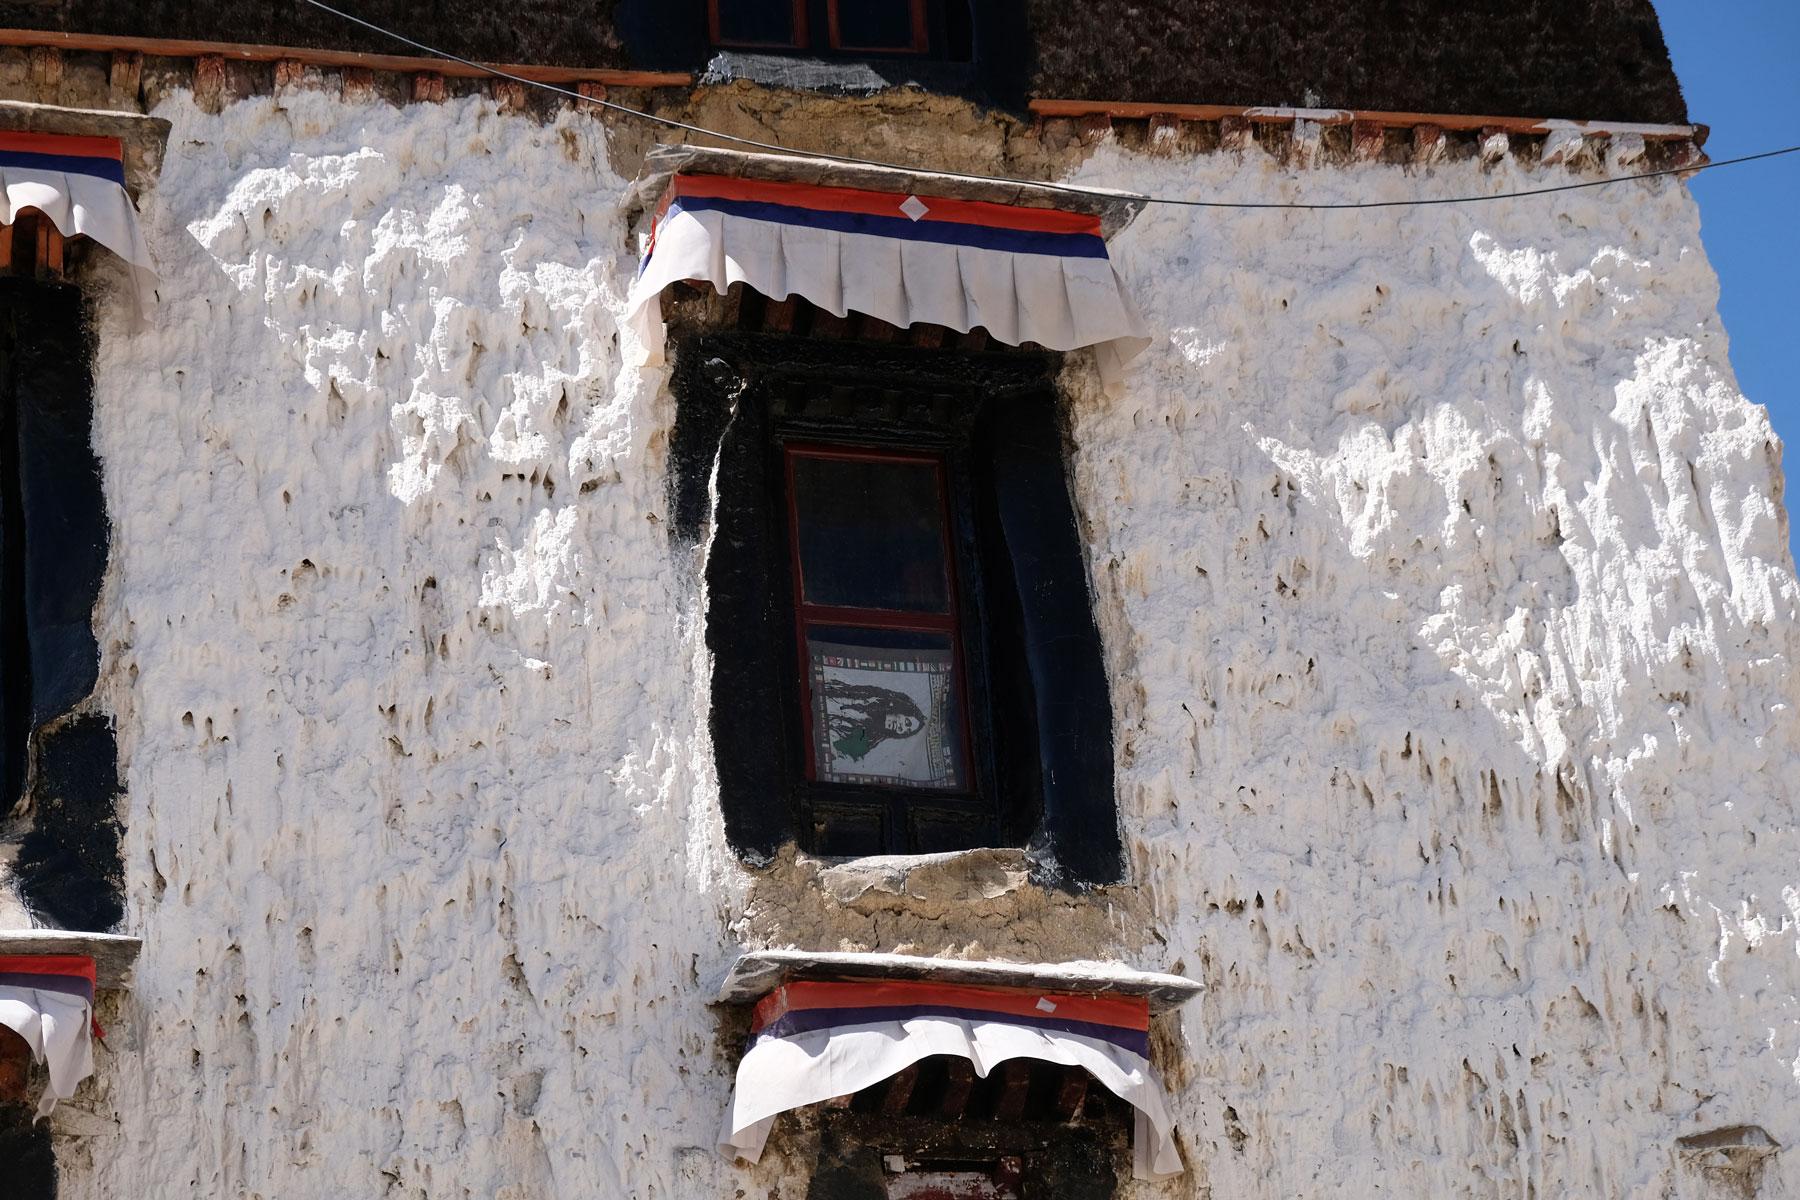 Ein Bild Bob Marleys hängt im Fenster des tibetischen Klosters Tashilunpo.